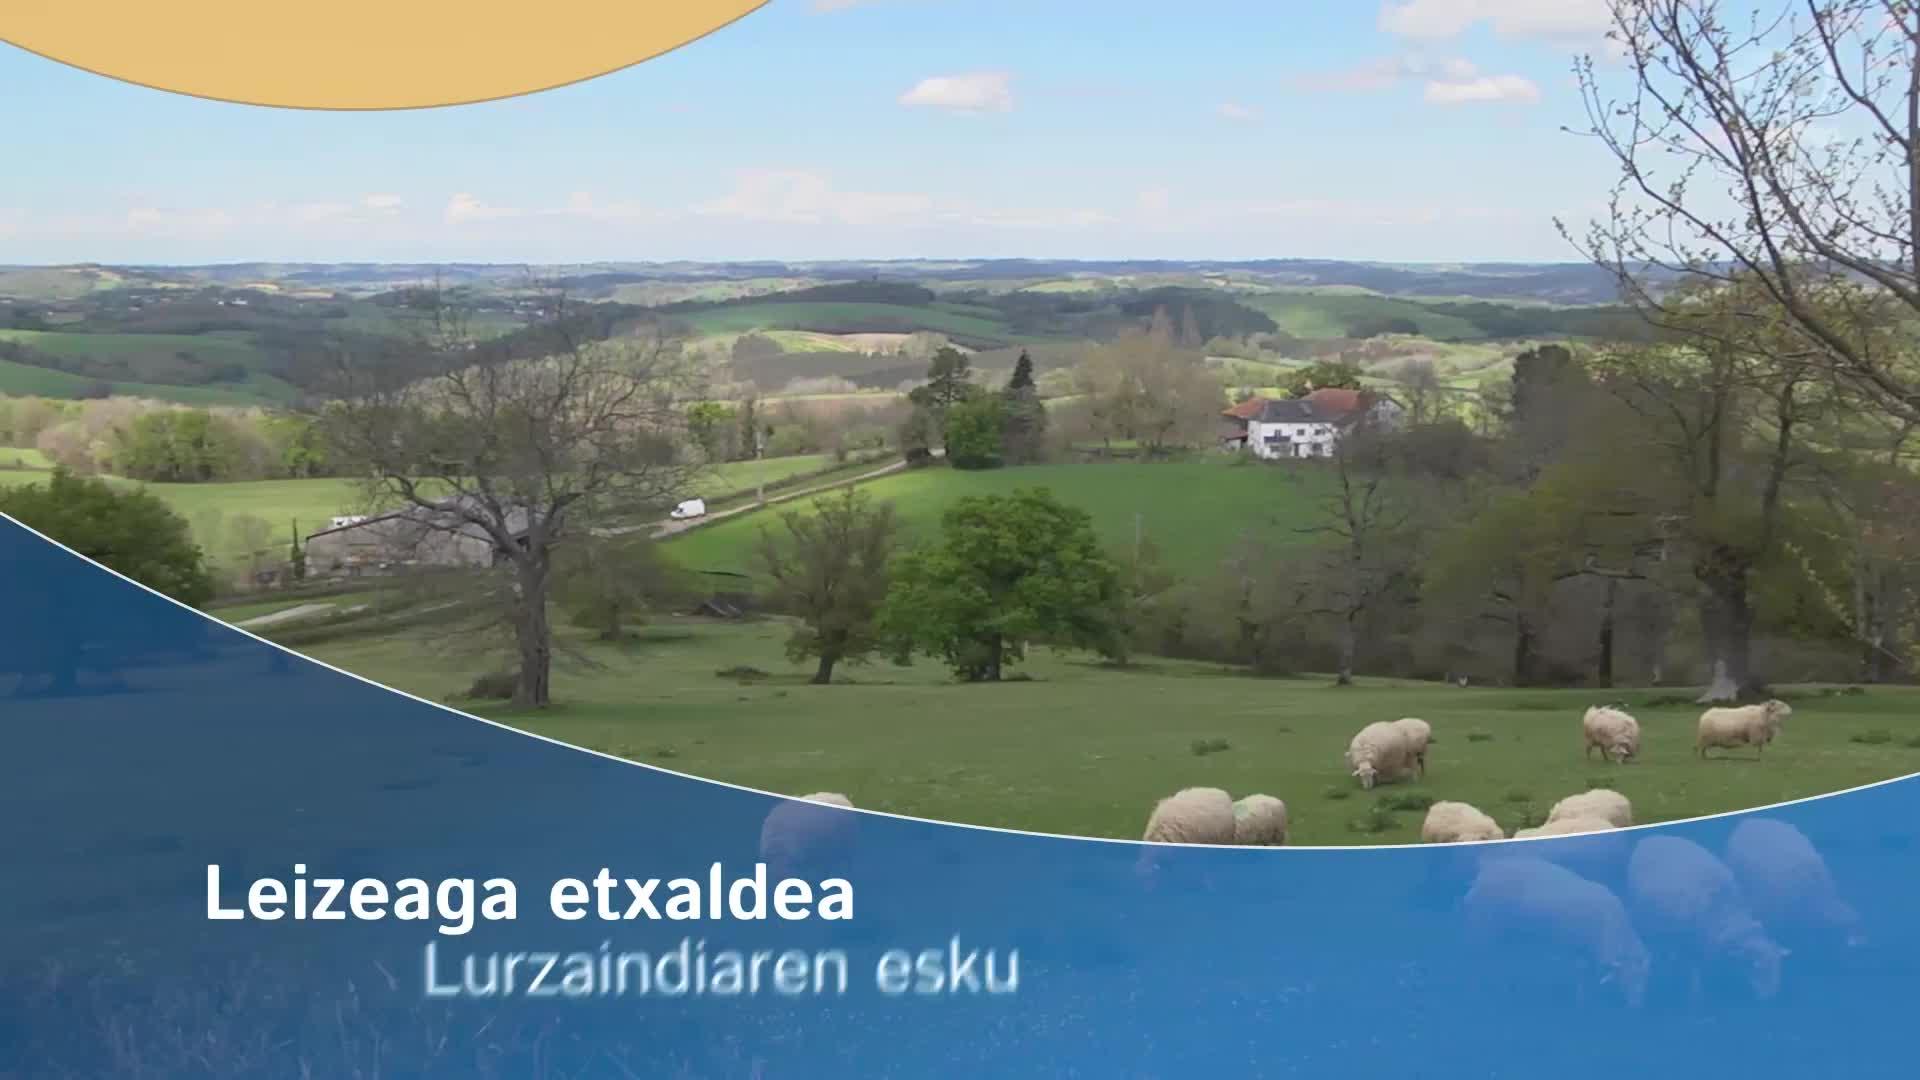 Leizeaga etxaldea Lurzaindiaren esku